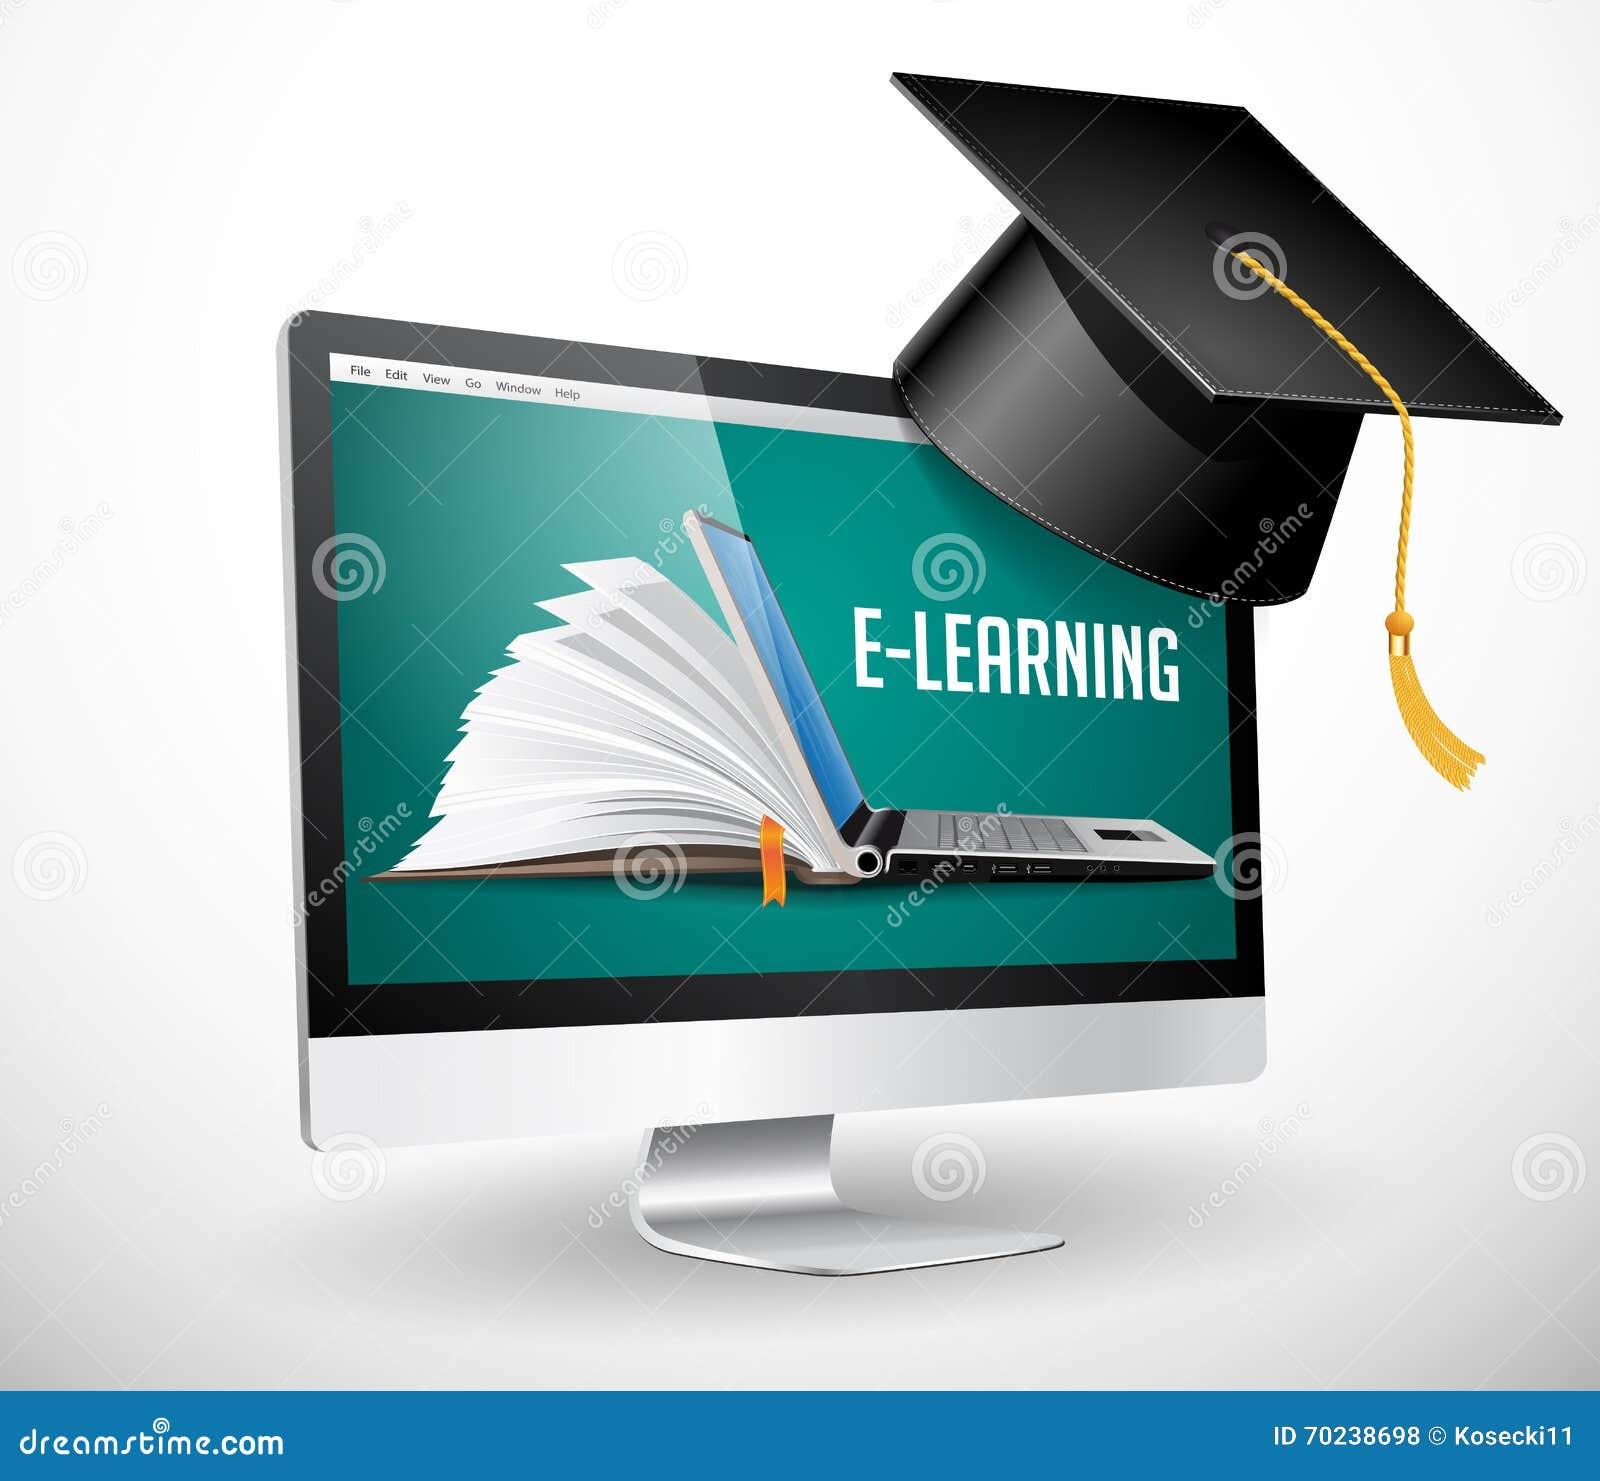 IT通信-电子教学,网上教育